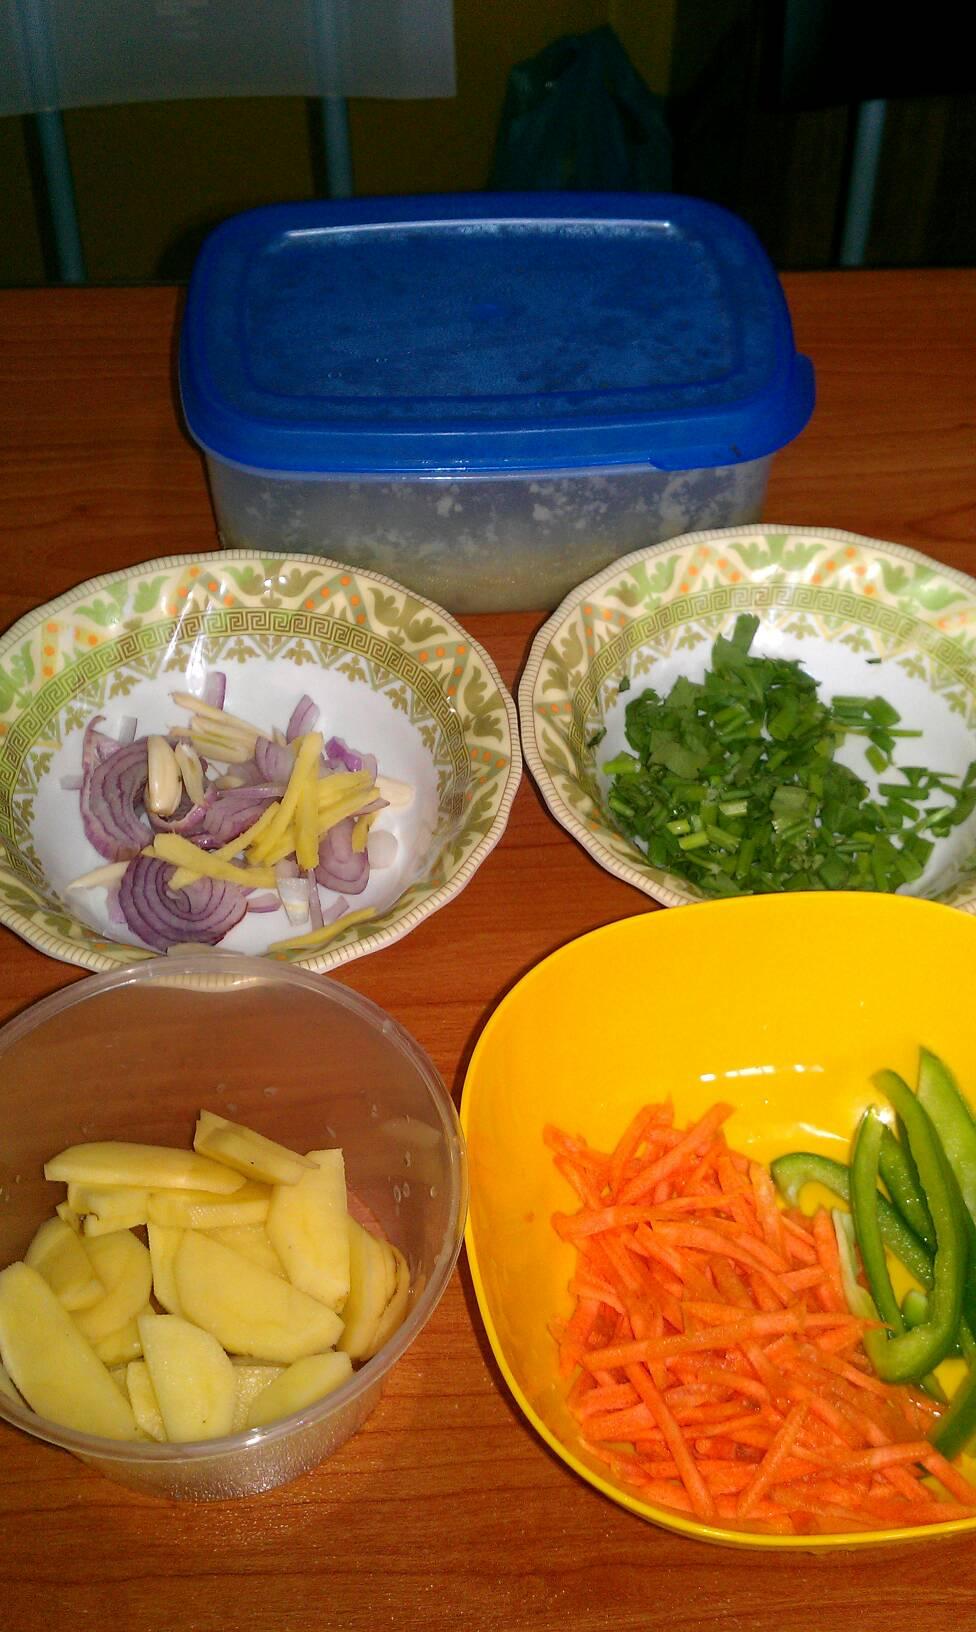 13 Resep Bekal Makan Siang di Kantor, Enak & Mudah Dibikin!